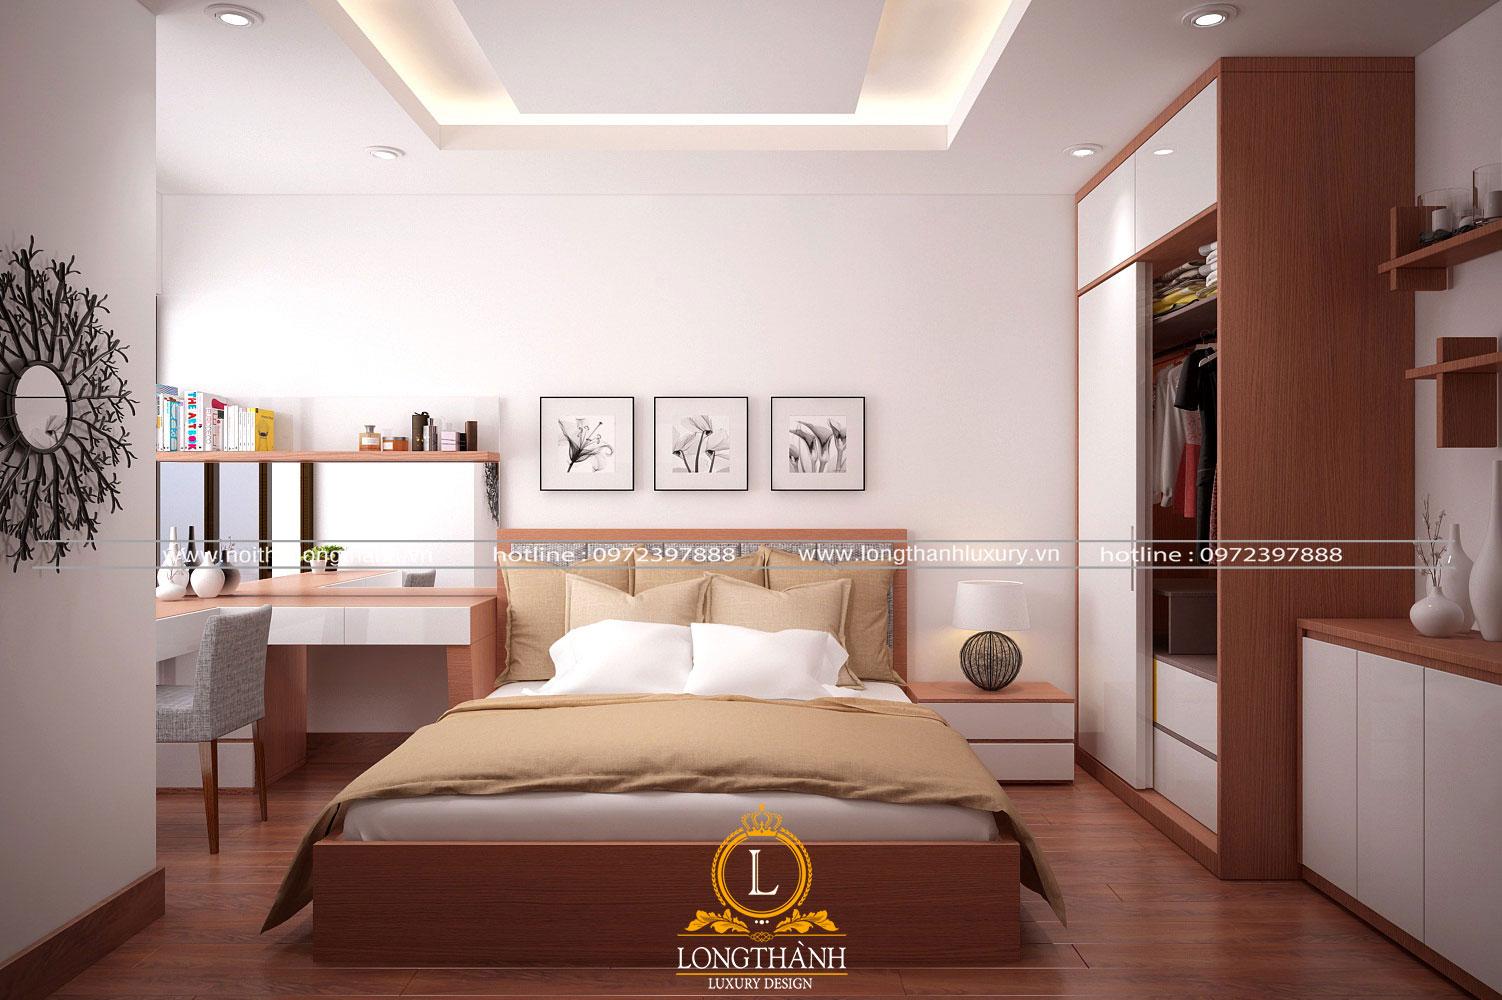 Phòng ngủ hiện đại với thiết kế nội thất thông minh